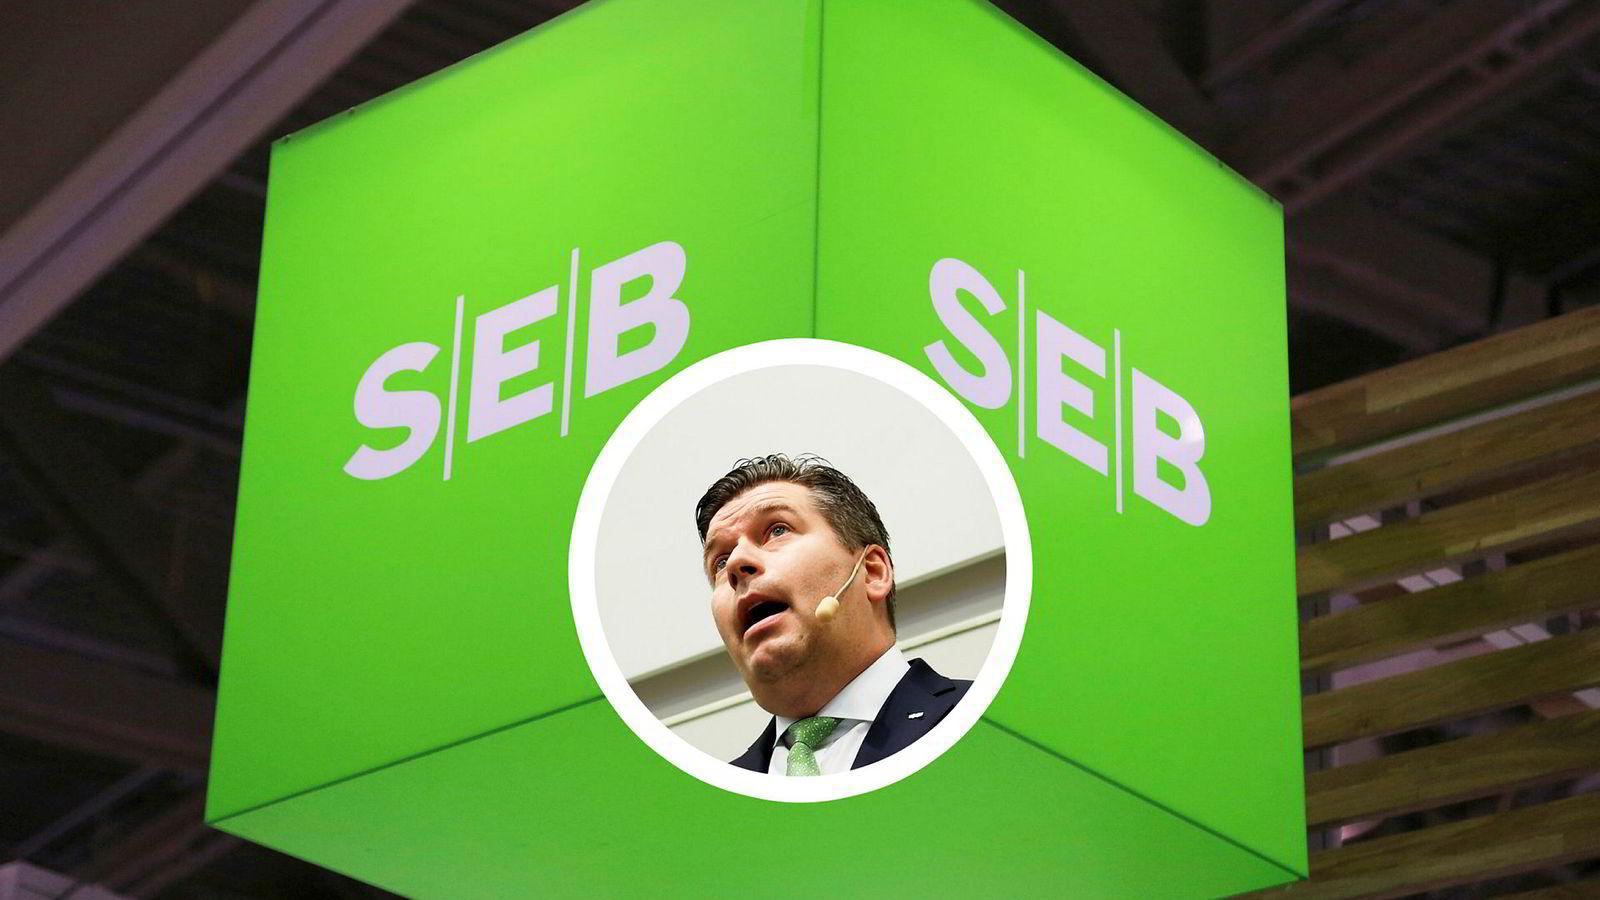 Konsernsjef Johan Torgeby i SEB har sett bankens aksje ned 16 prosent de siste tre dagene i kjølvannet av hvitvaskingssaken i Swedbank/Danske Bank. Her fra en tidligere kvartalsfremleggelse.